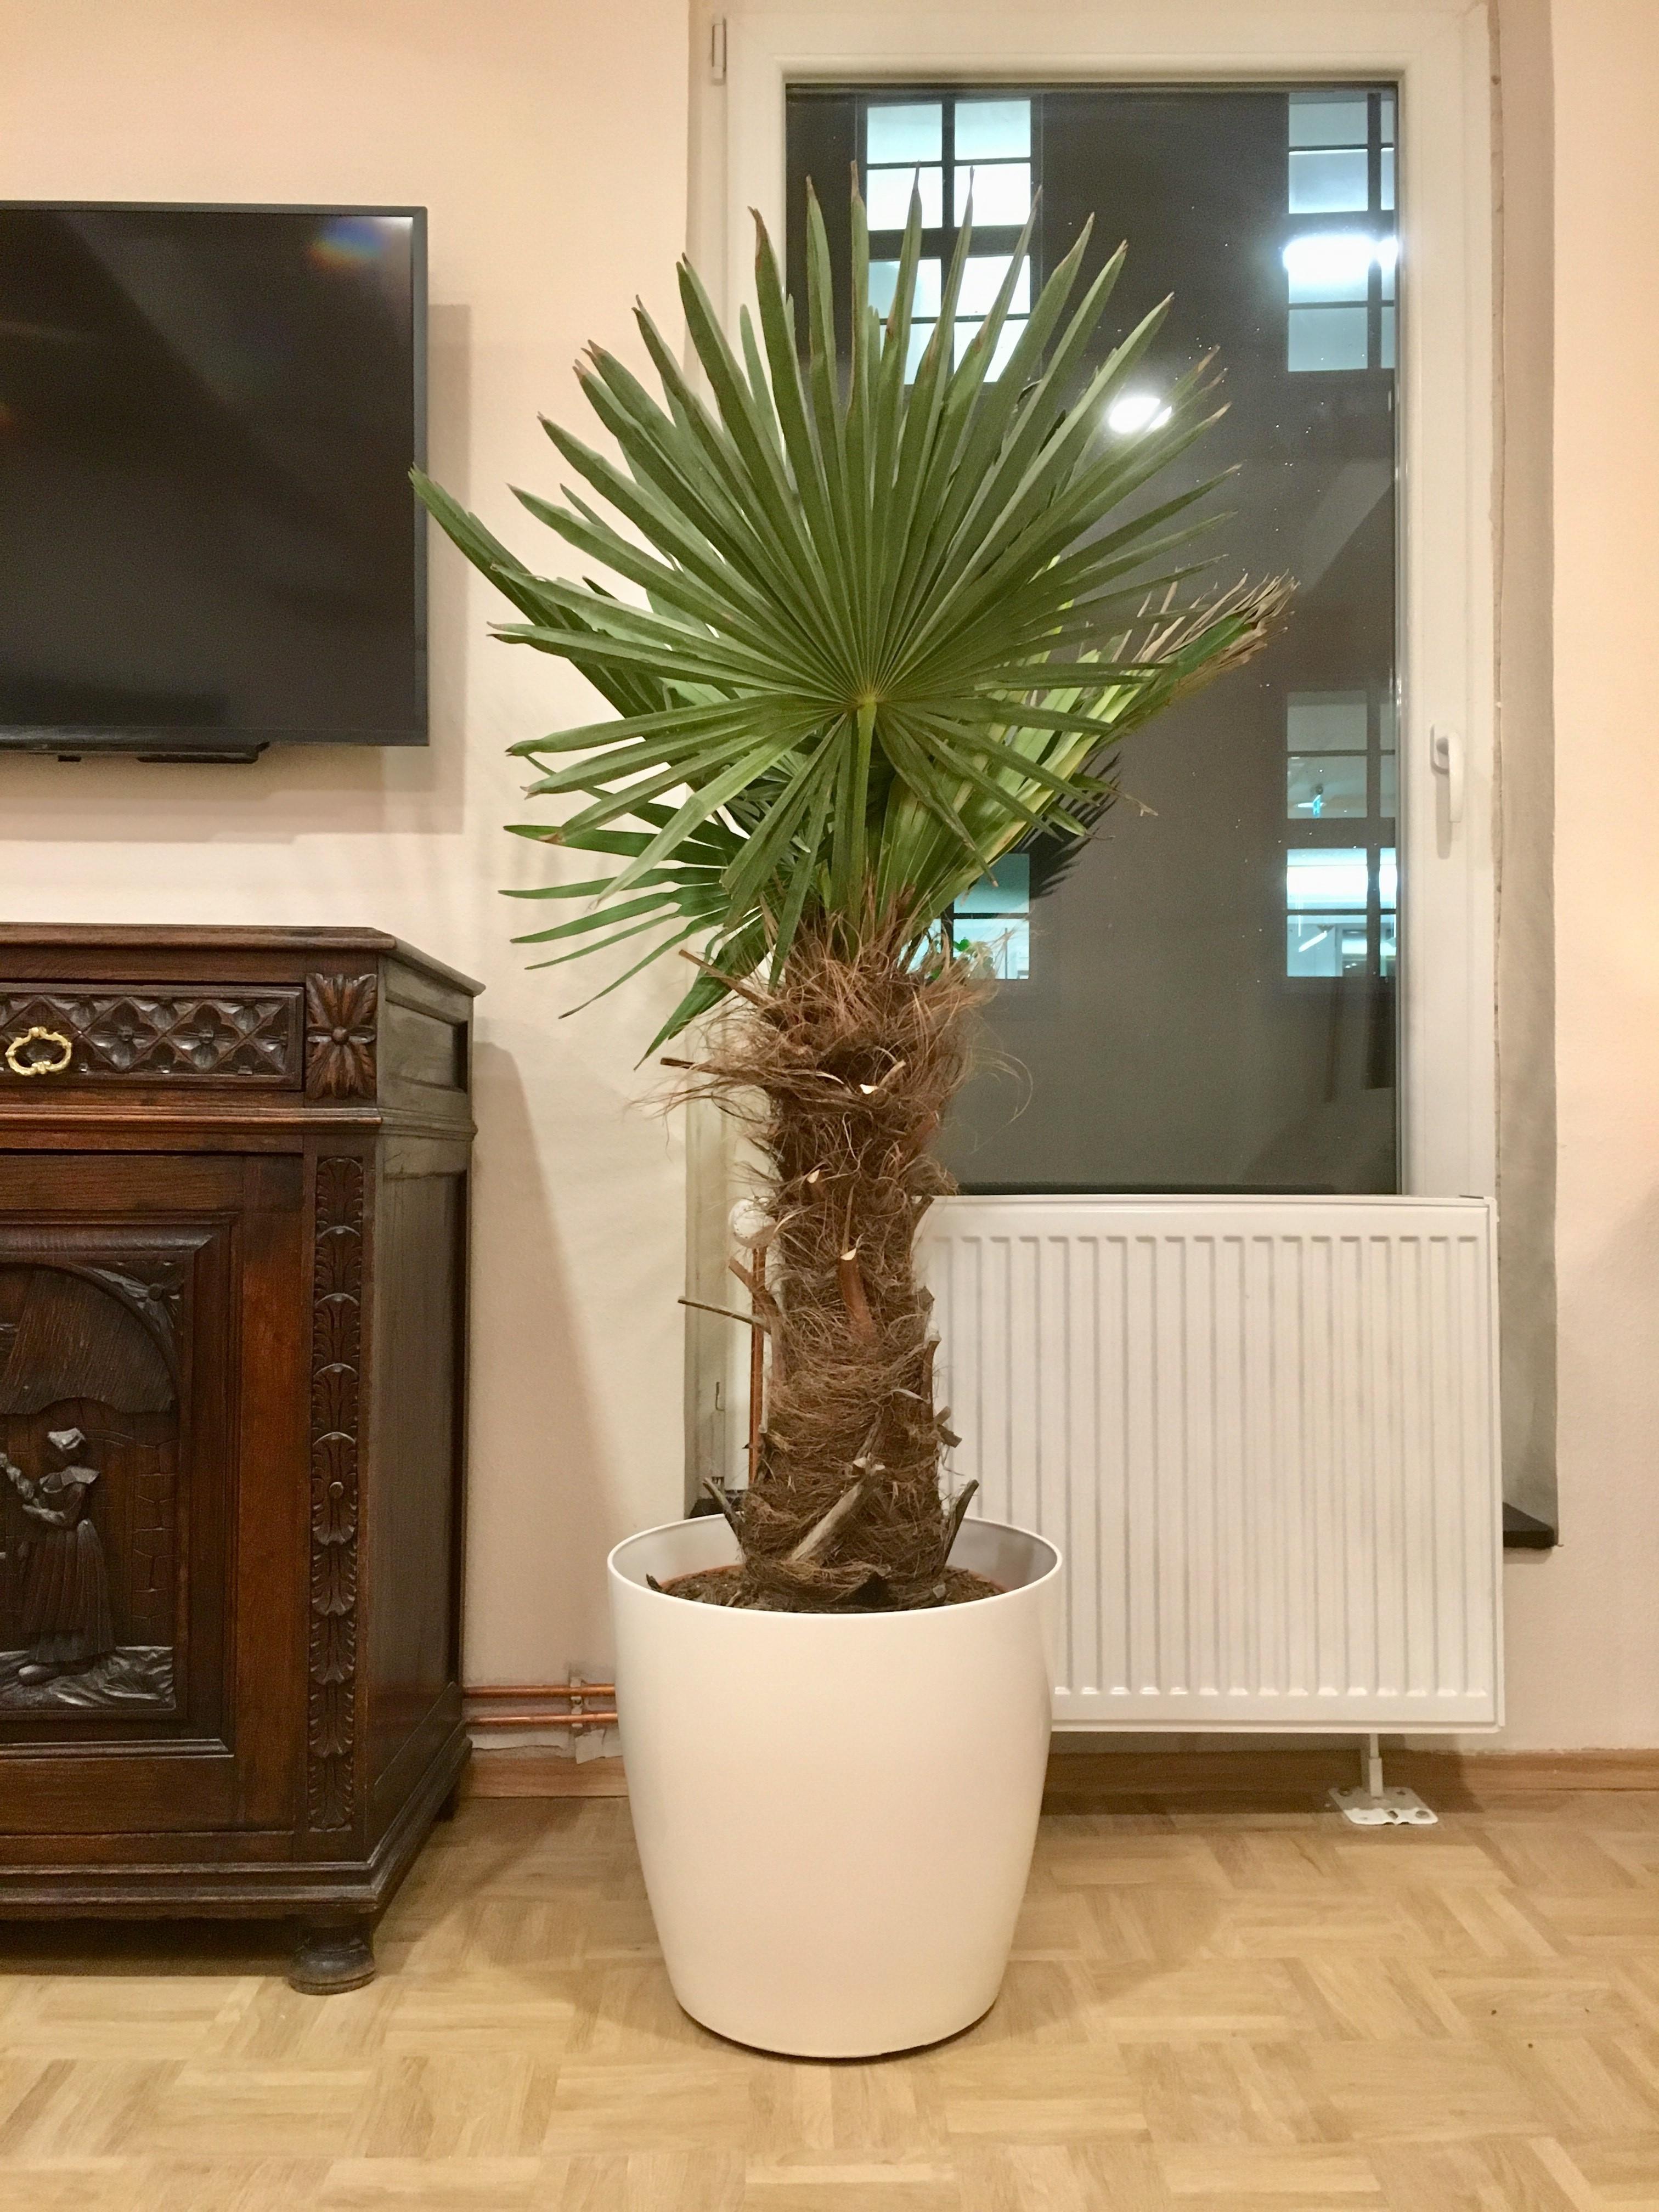 Die Palme ist im Wohnzimmer angekommen: – Blaues Haus Berlin